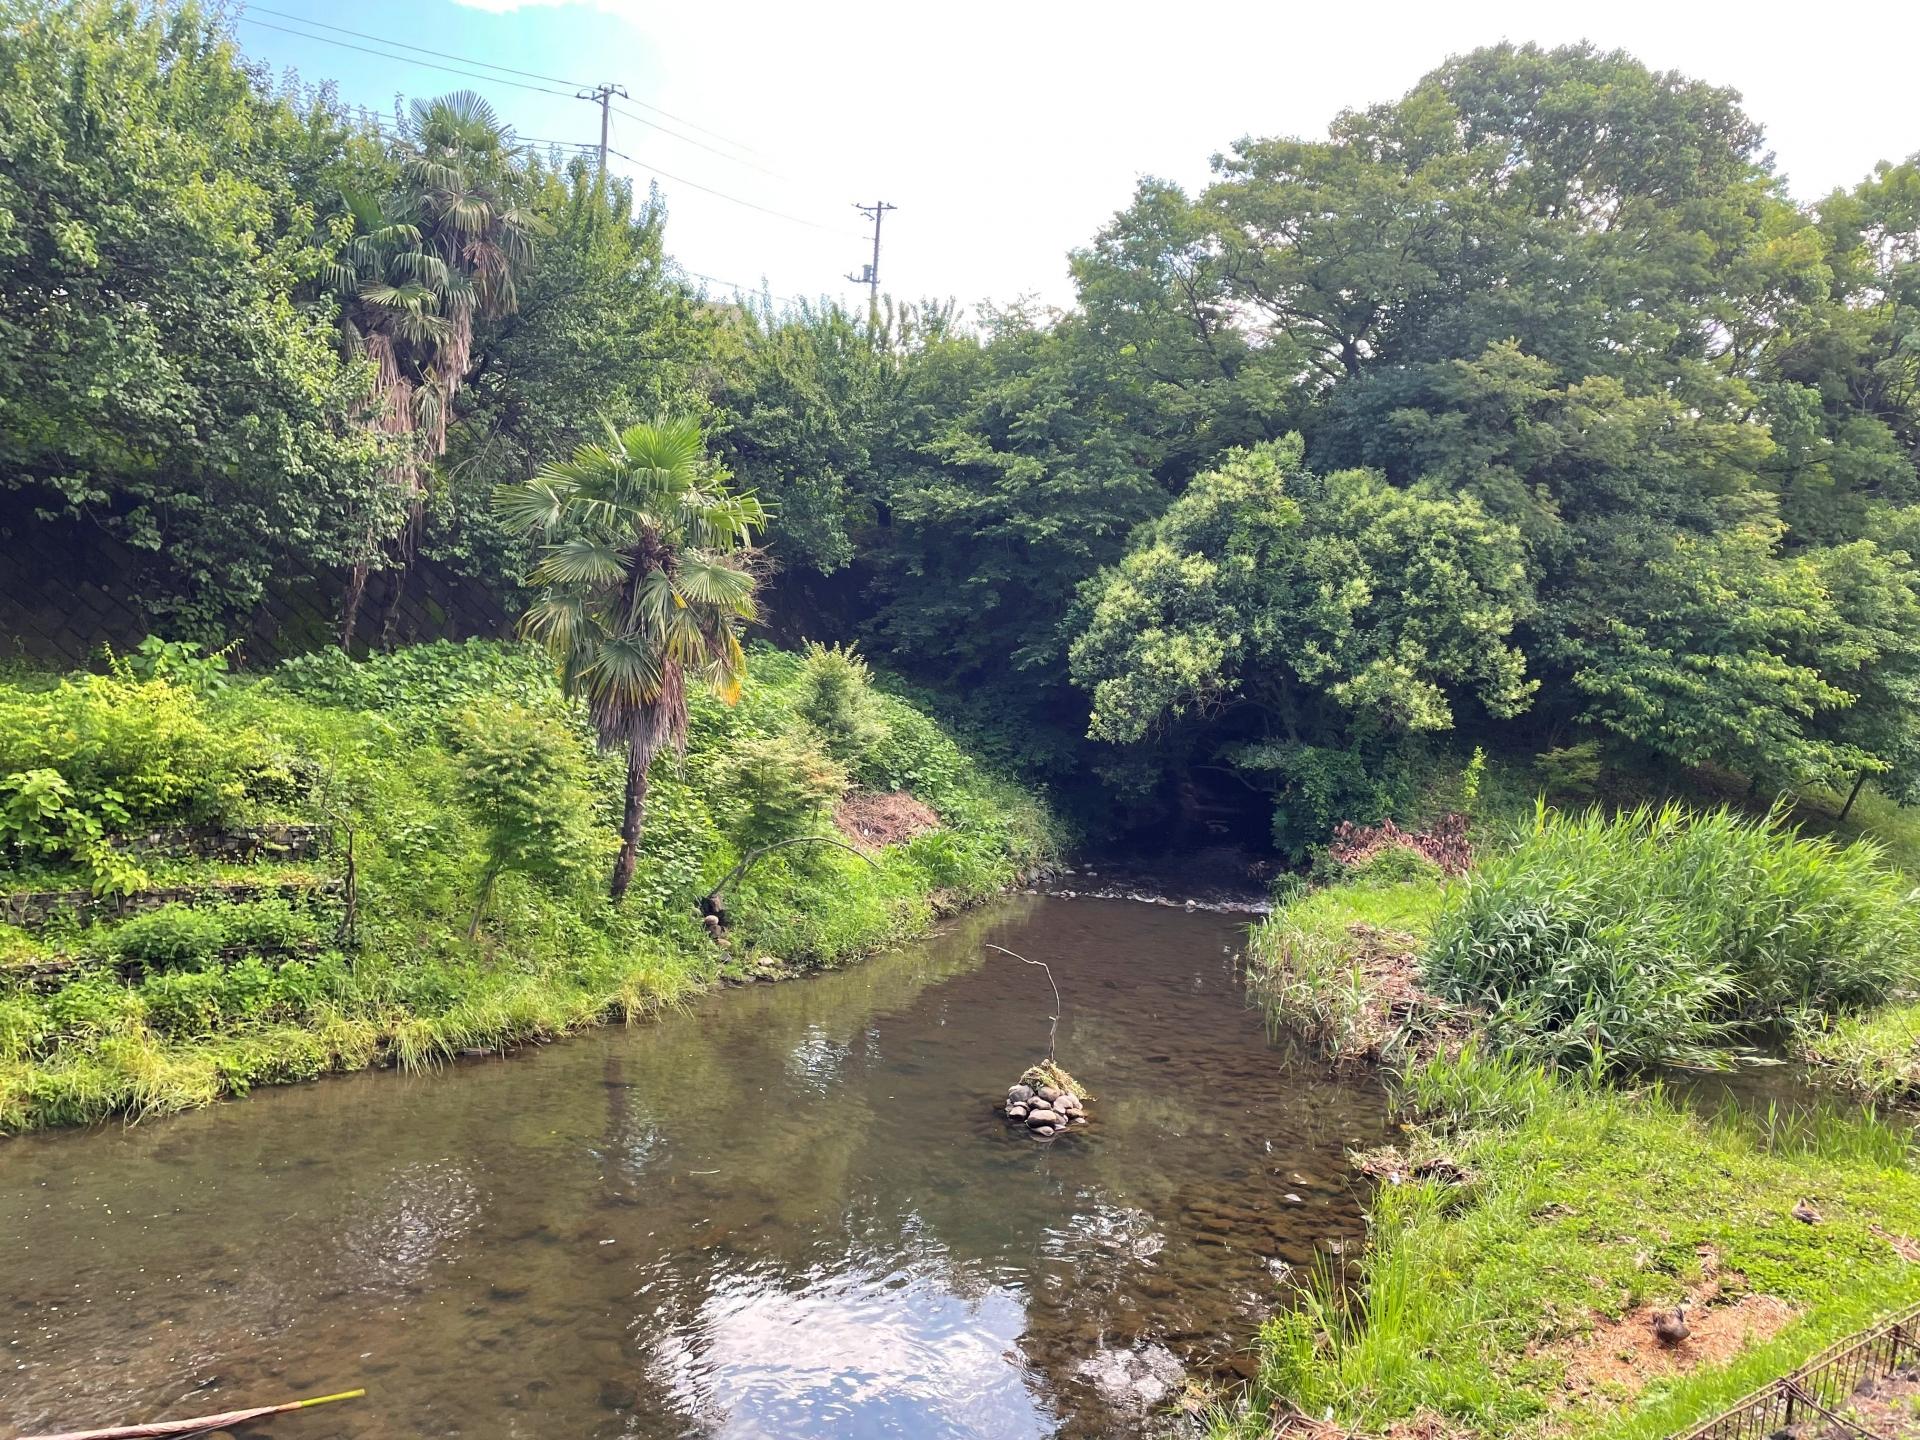 Vol.4 いたち川流域の野鳥観察について